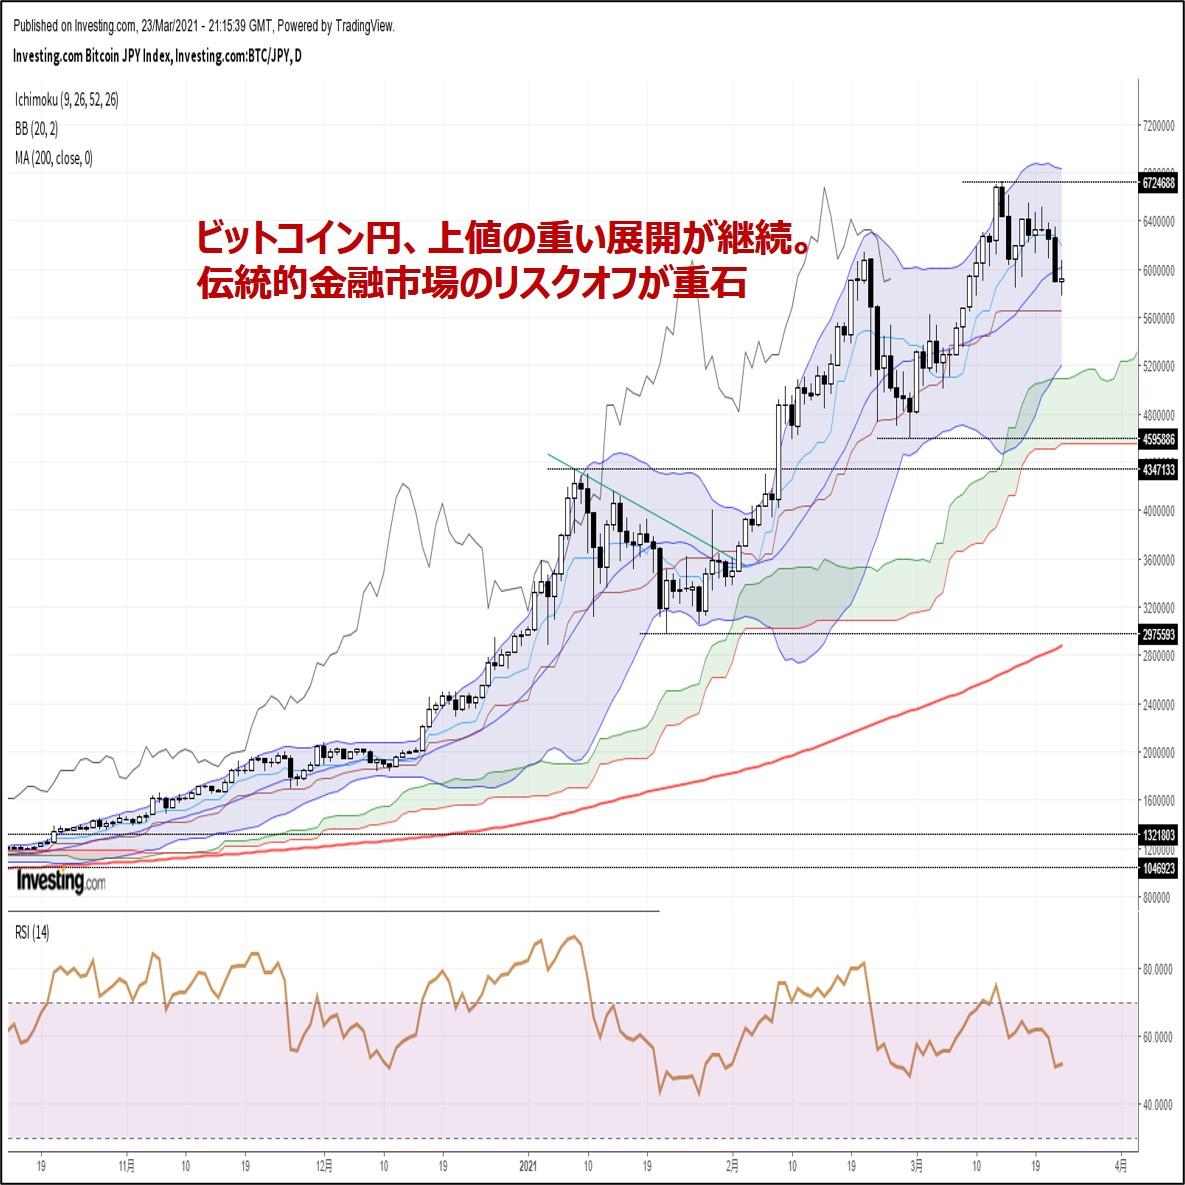 ビットコイン円、上値の重い展開が継続。伝統的金融市場のリスクオフが重石(3/24朝)